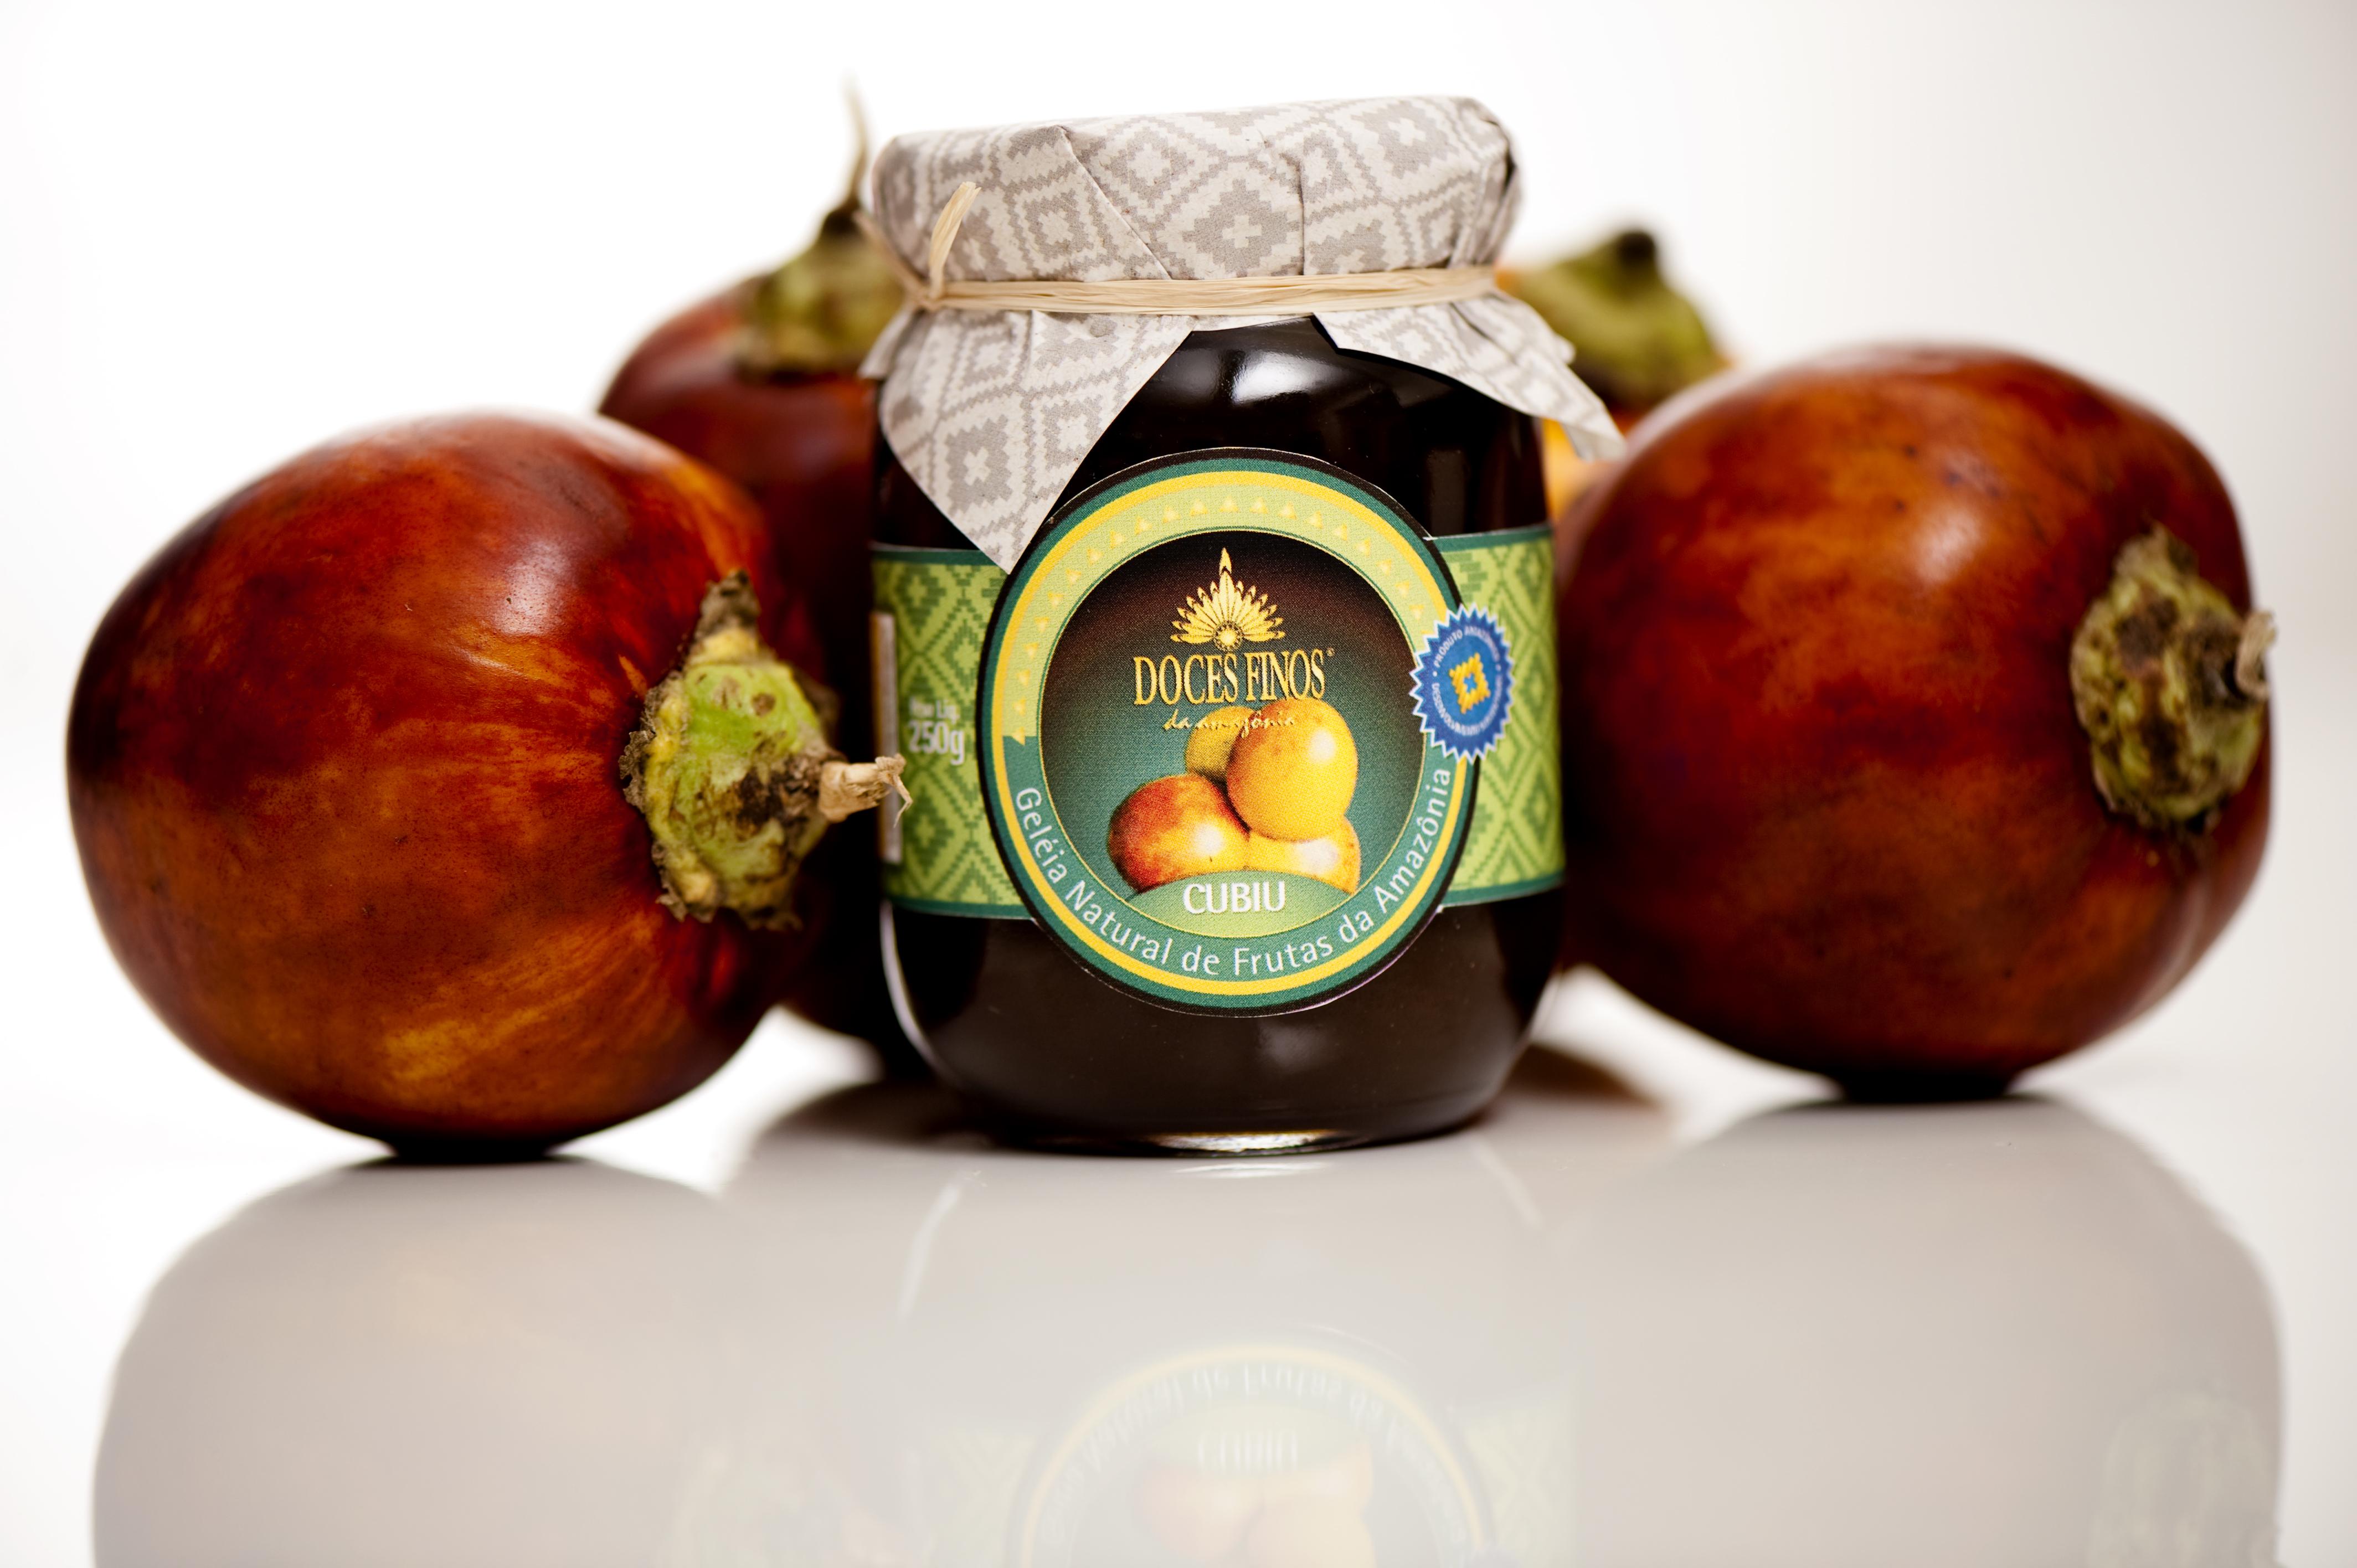 Cubiu (Solanum sessiliflorum)